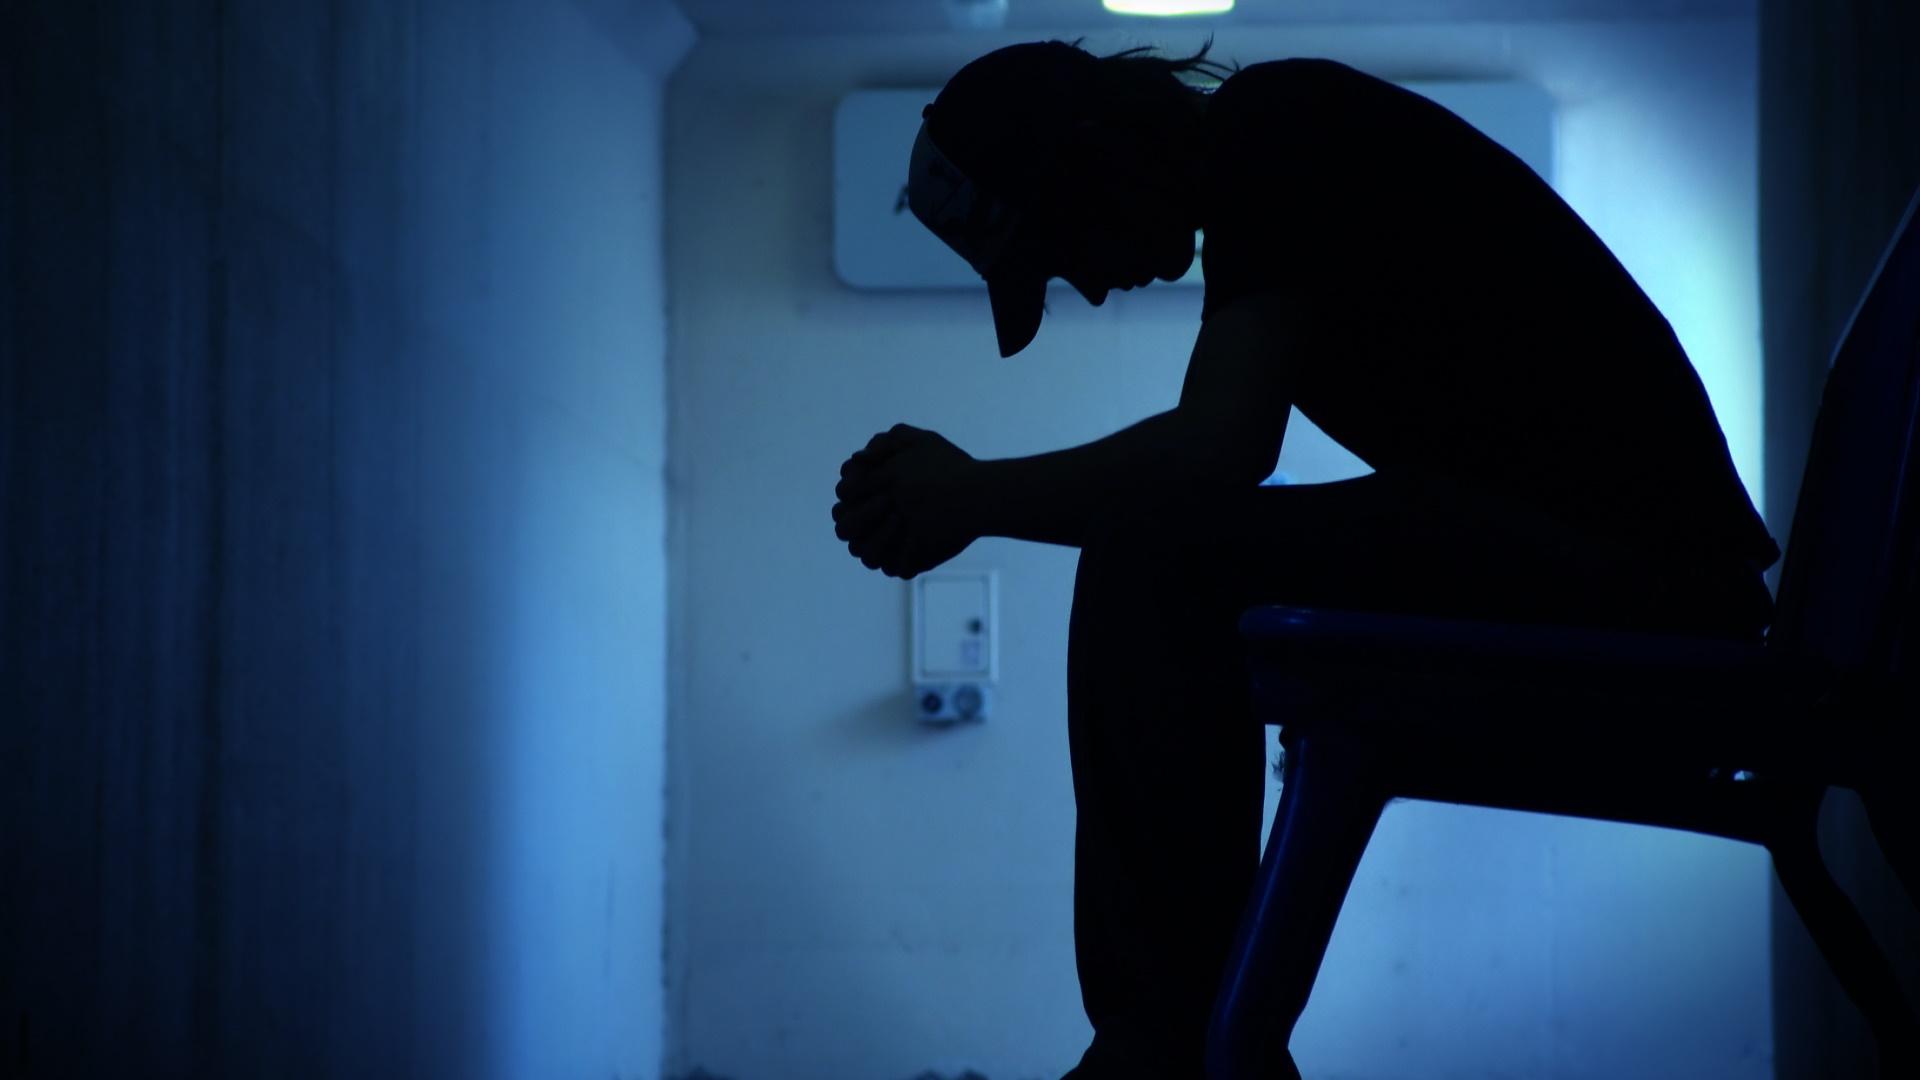 Vignette de la formation : Repérer les signes de dépression et les risques suicidaires chez l'adolescent